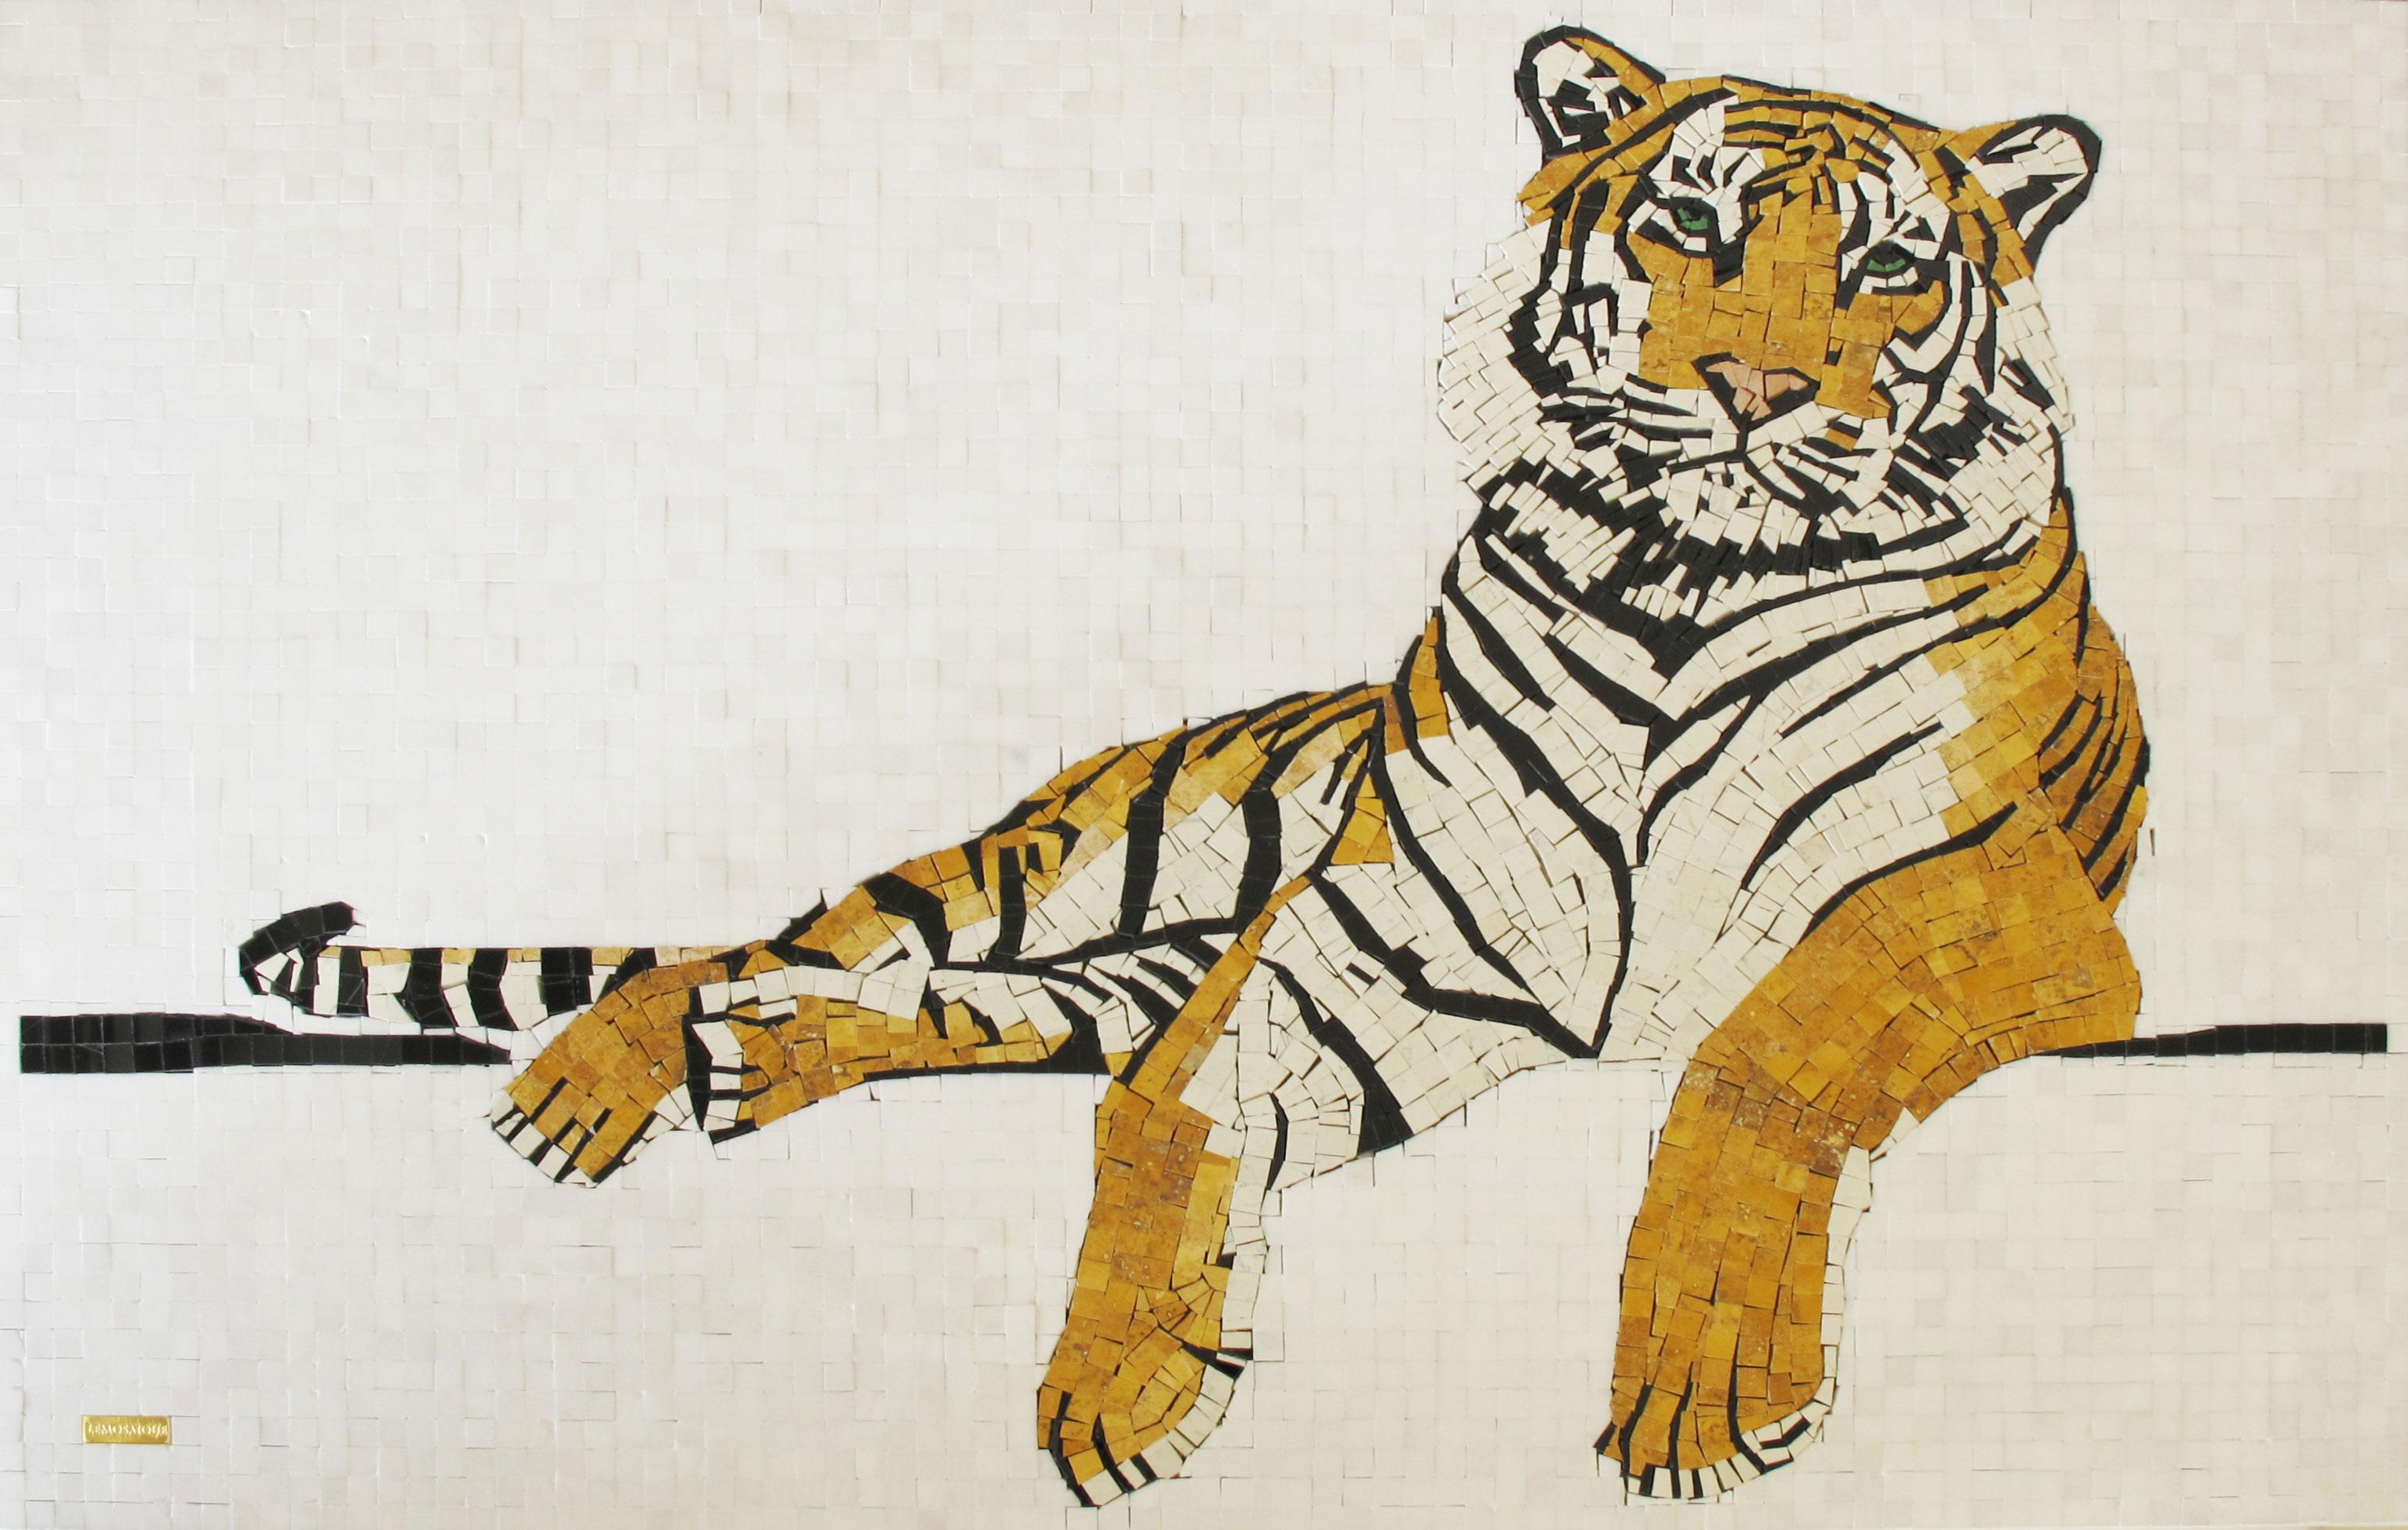 tigre mosaico mosaic tiger